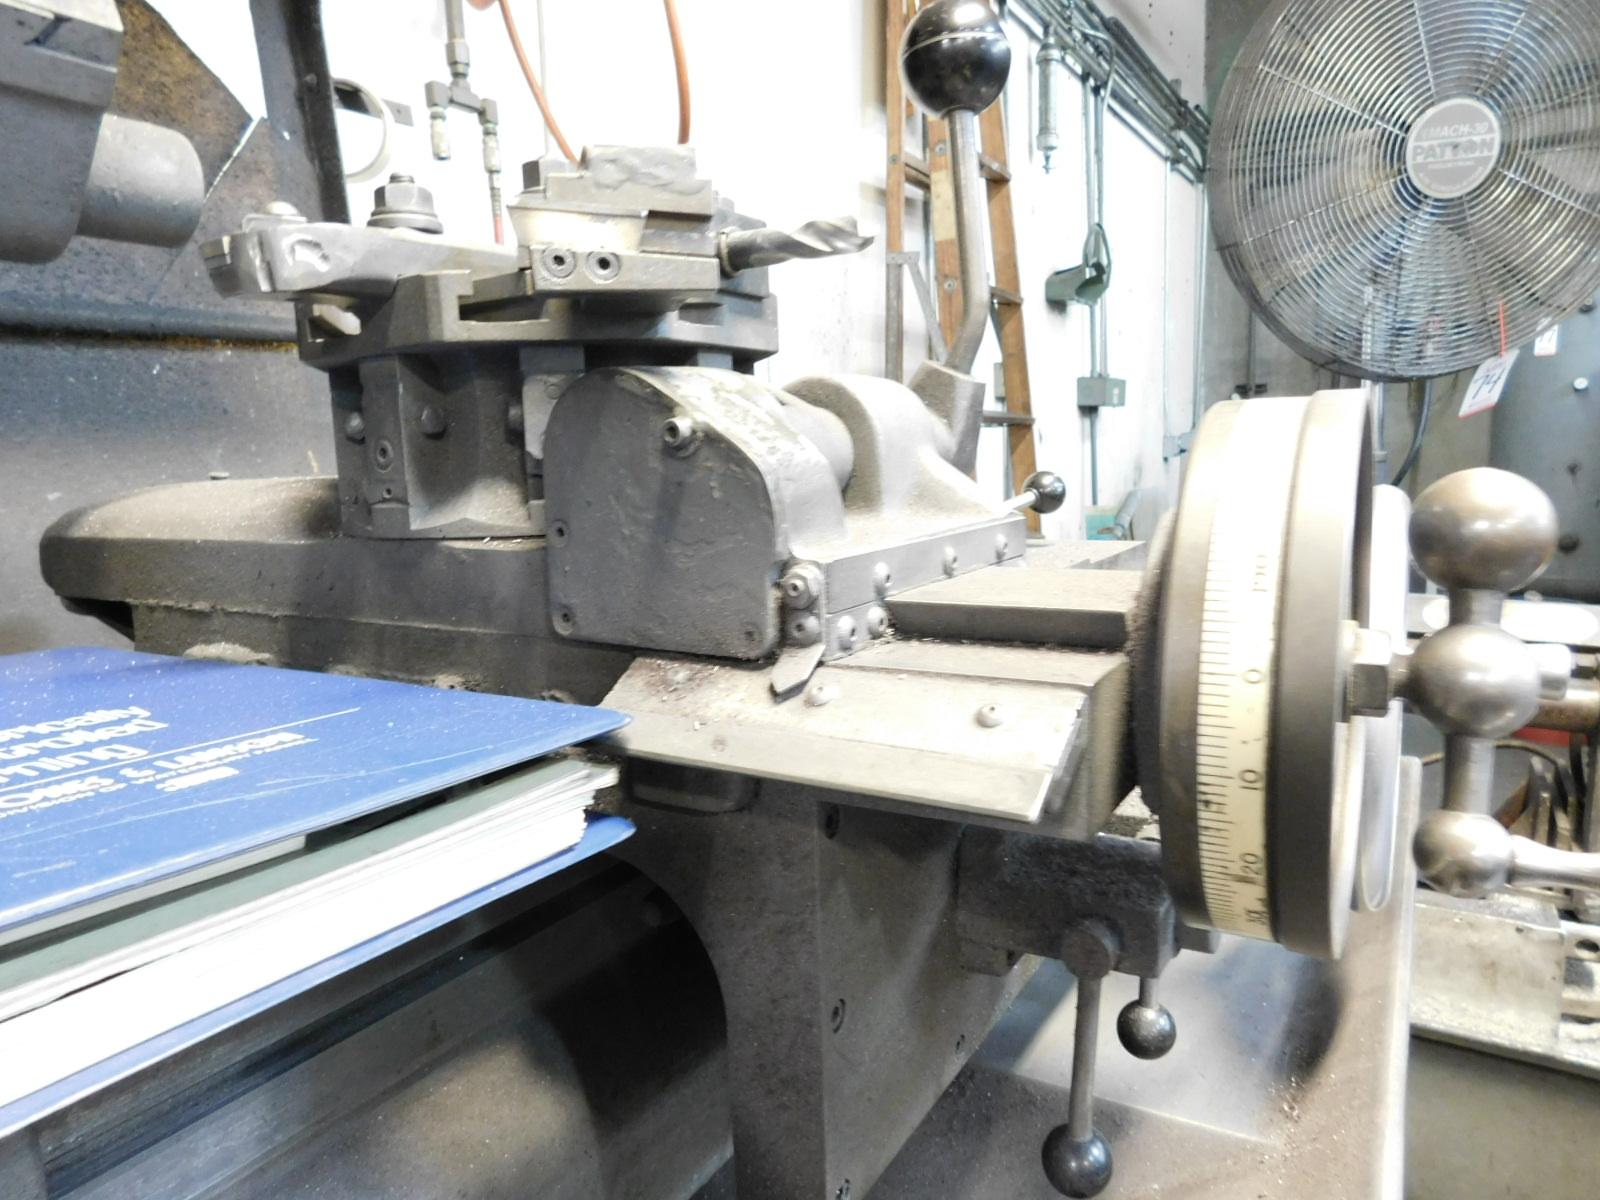 HARDINGE MODEL HC AUTOMATIC CHUCKING LATHE, S/N HC-4354-P - Image 6 of 8